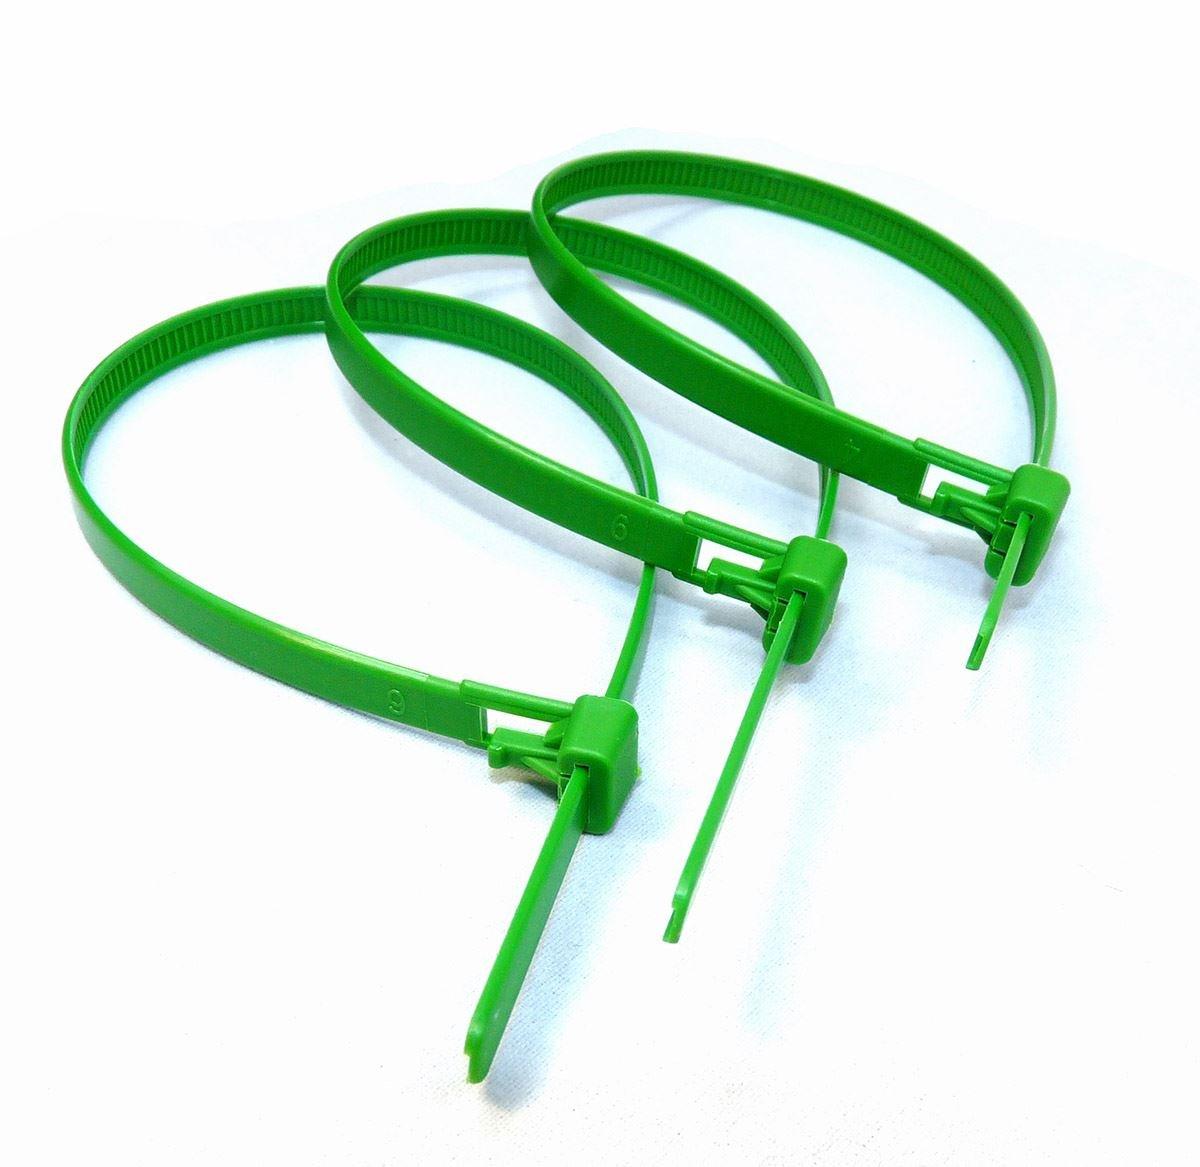 naturel vert relasaable r/Èutilisable C/'ble Attache 10/†pi/Ëces Noir